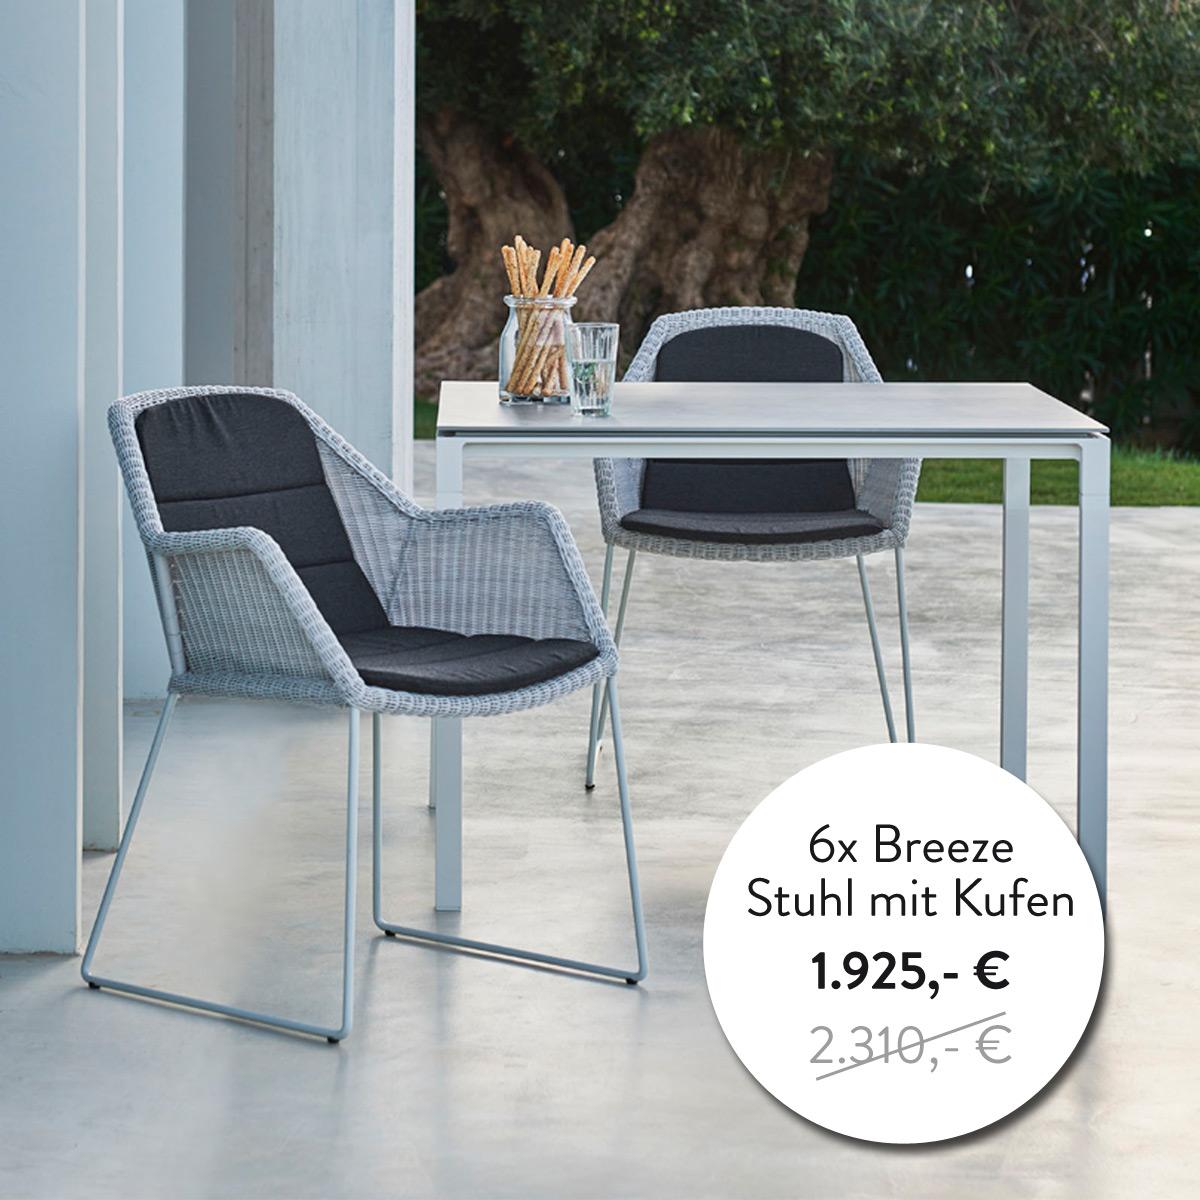 Breeze Stühle von Cane-line